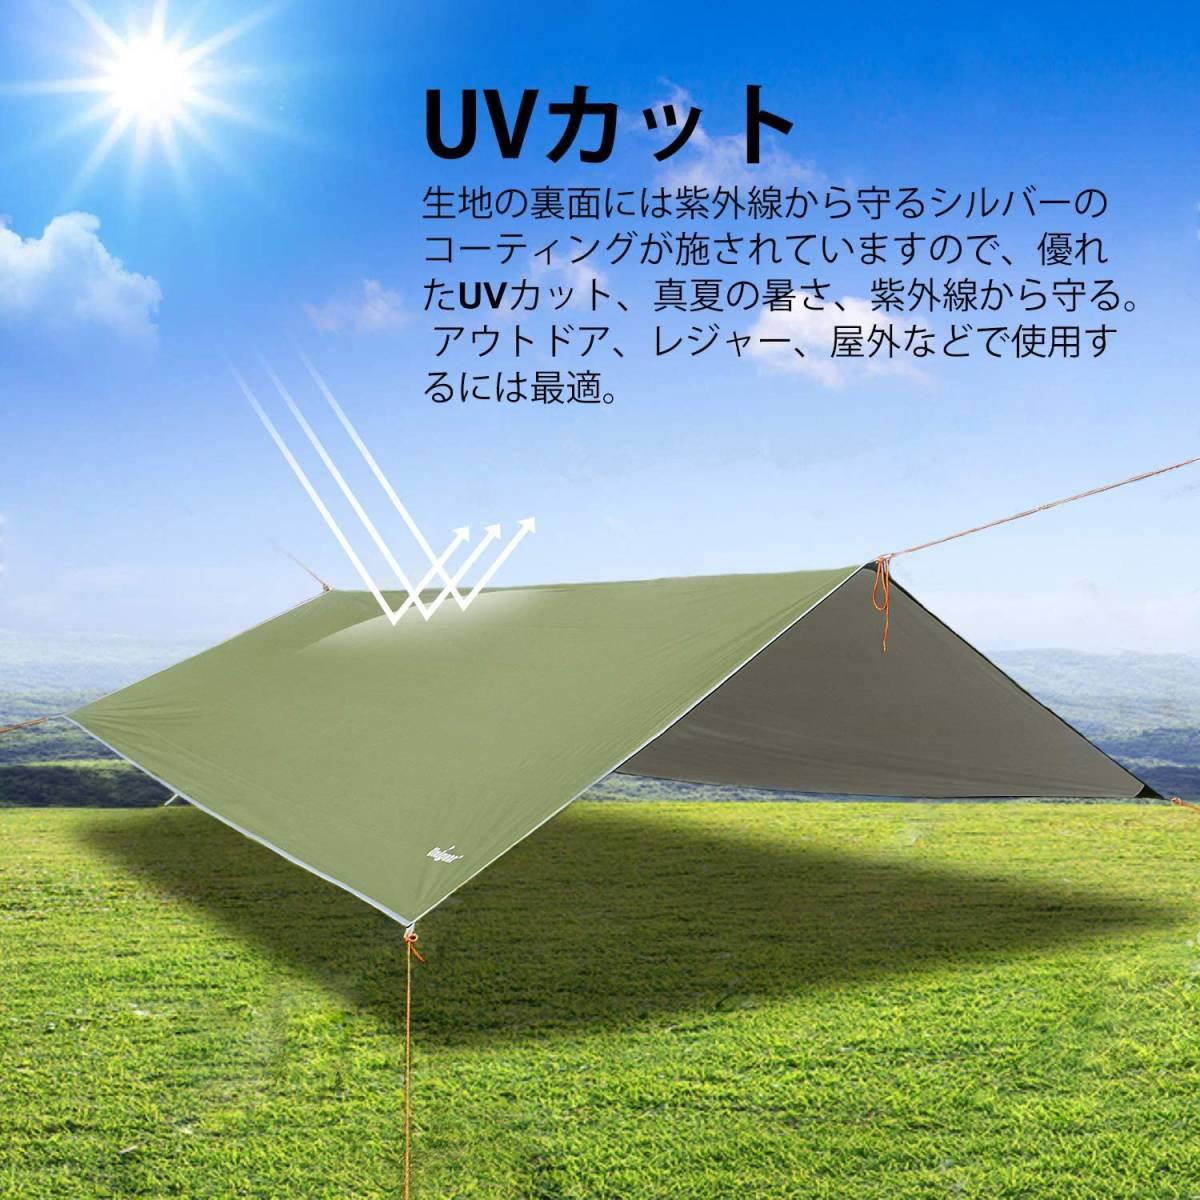 【大特価】防水タープ キャンプ タープ テント 軽量 日除け 高耐水加工 紫外線カット 遮熱 サンシェルター ポータブル 天幕 シェード_画像3